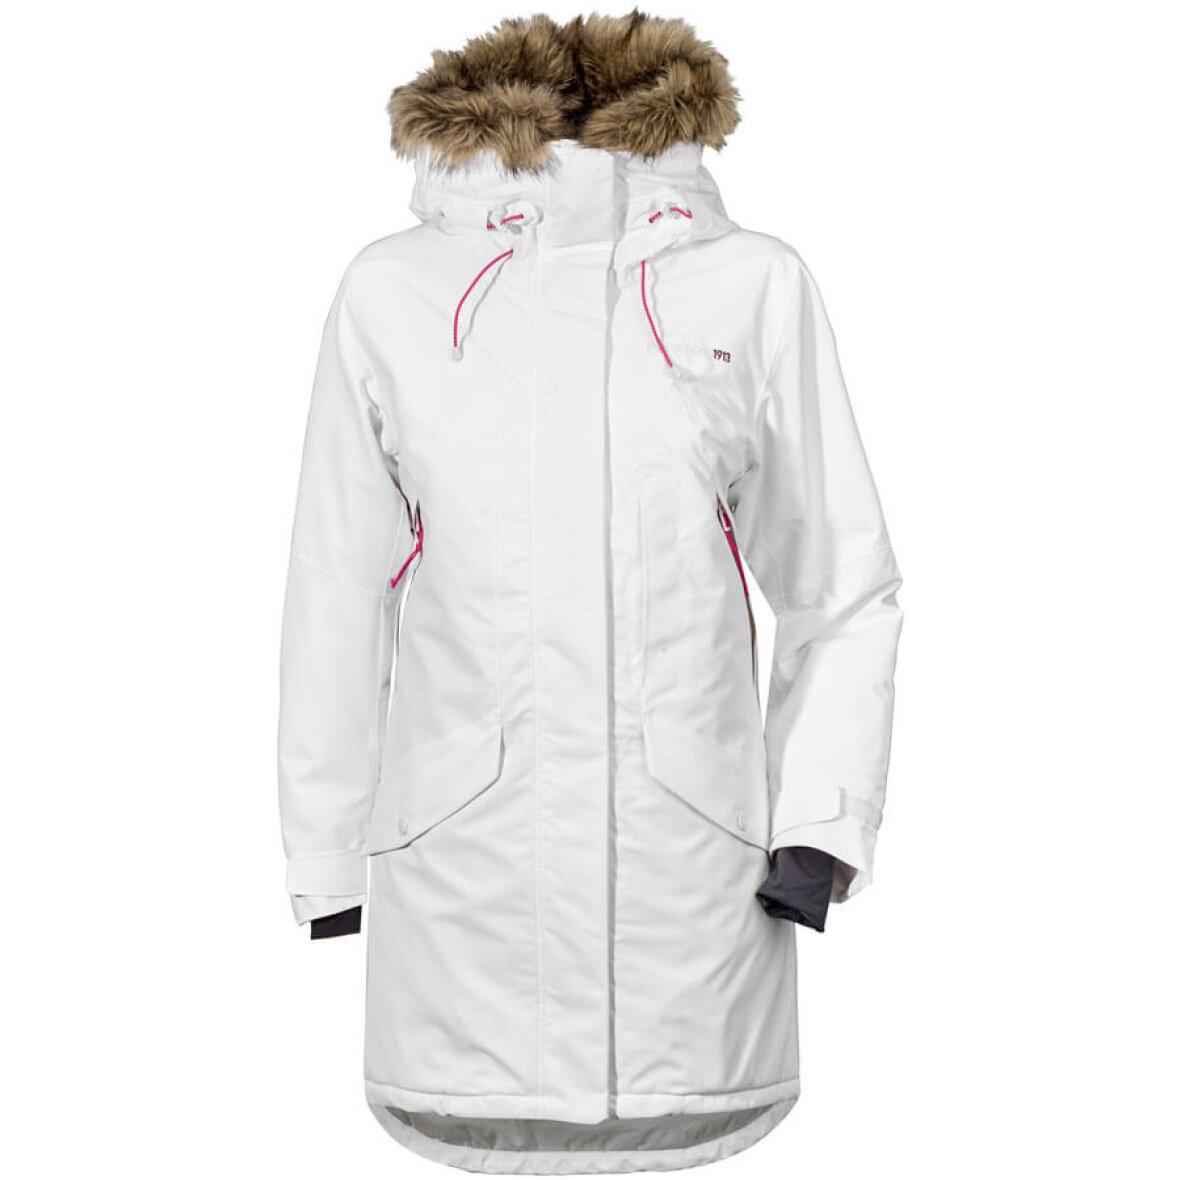 2775a39a Hvid vinterjakke til damer fra Didriksons - Suveræn god model